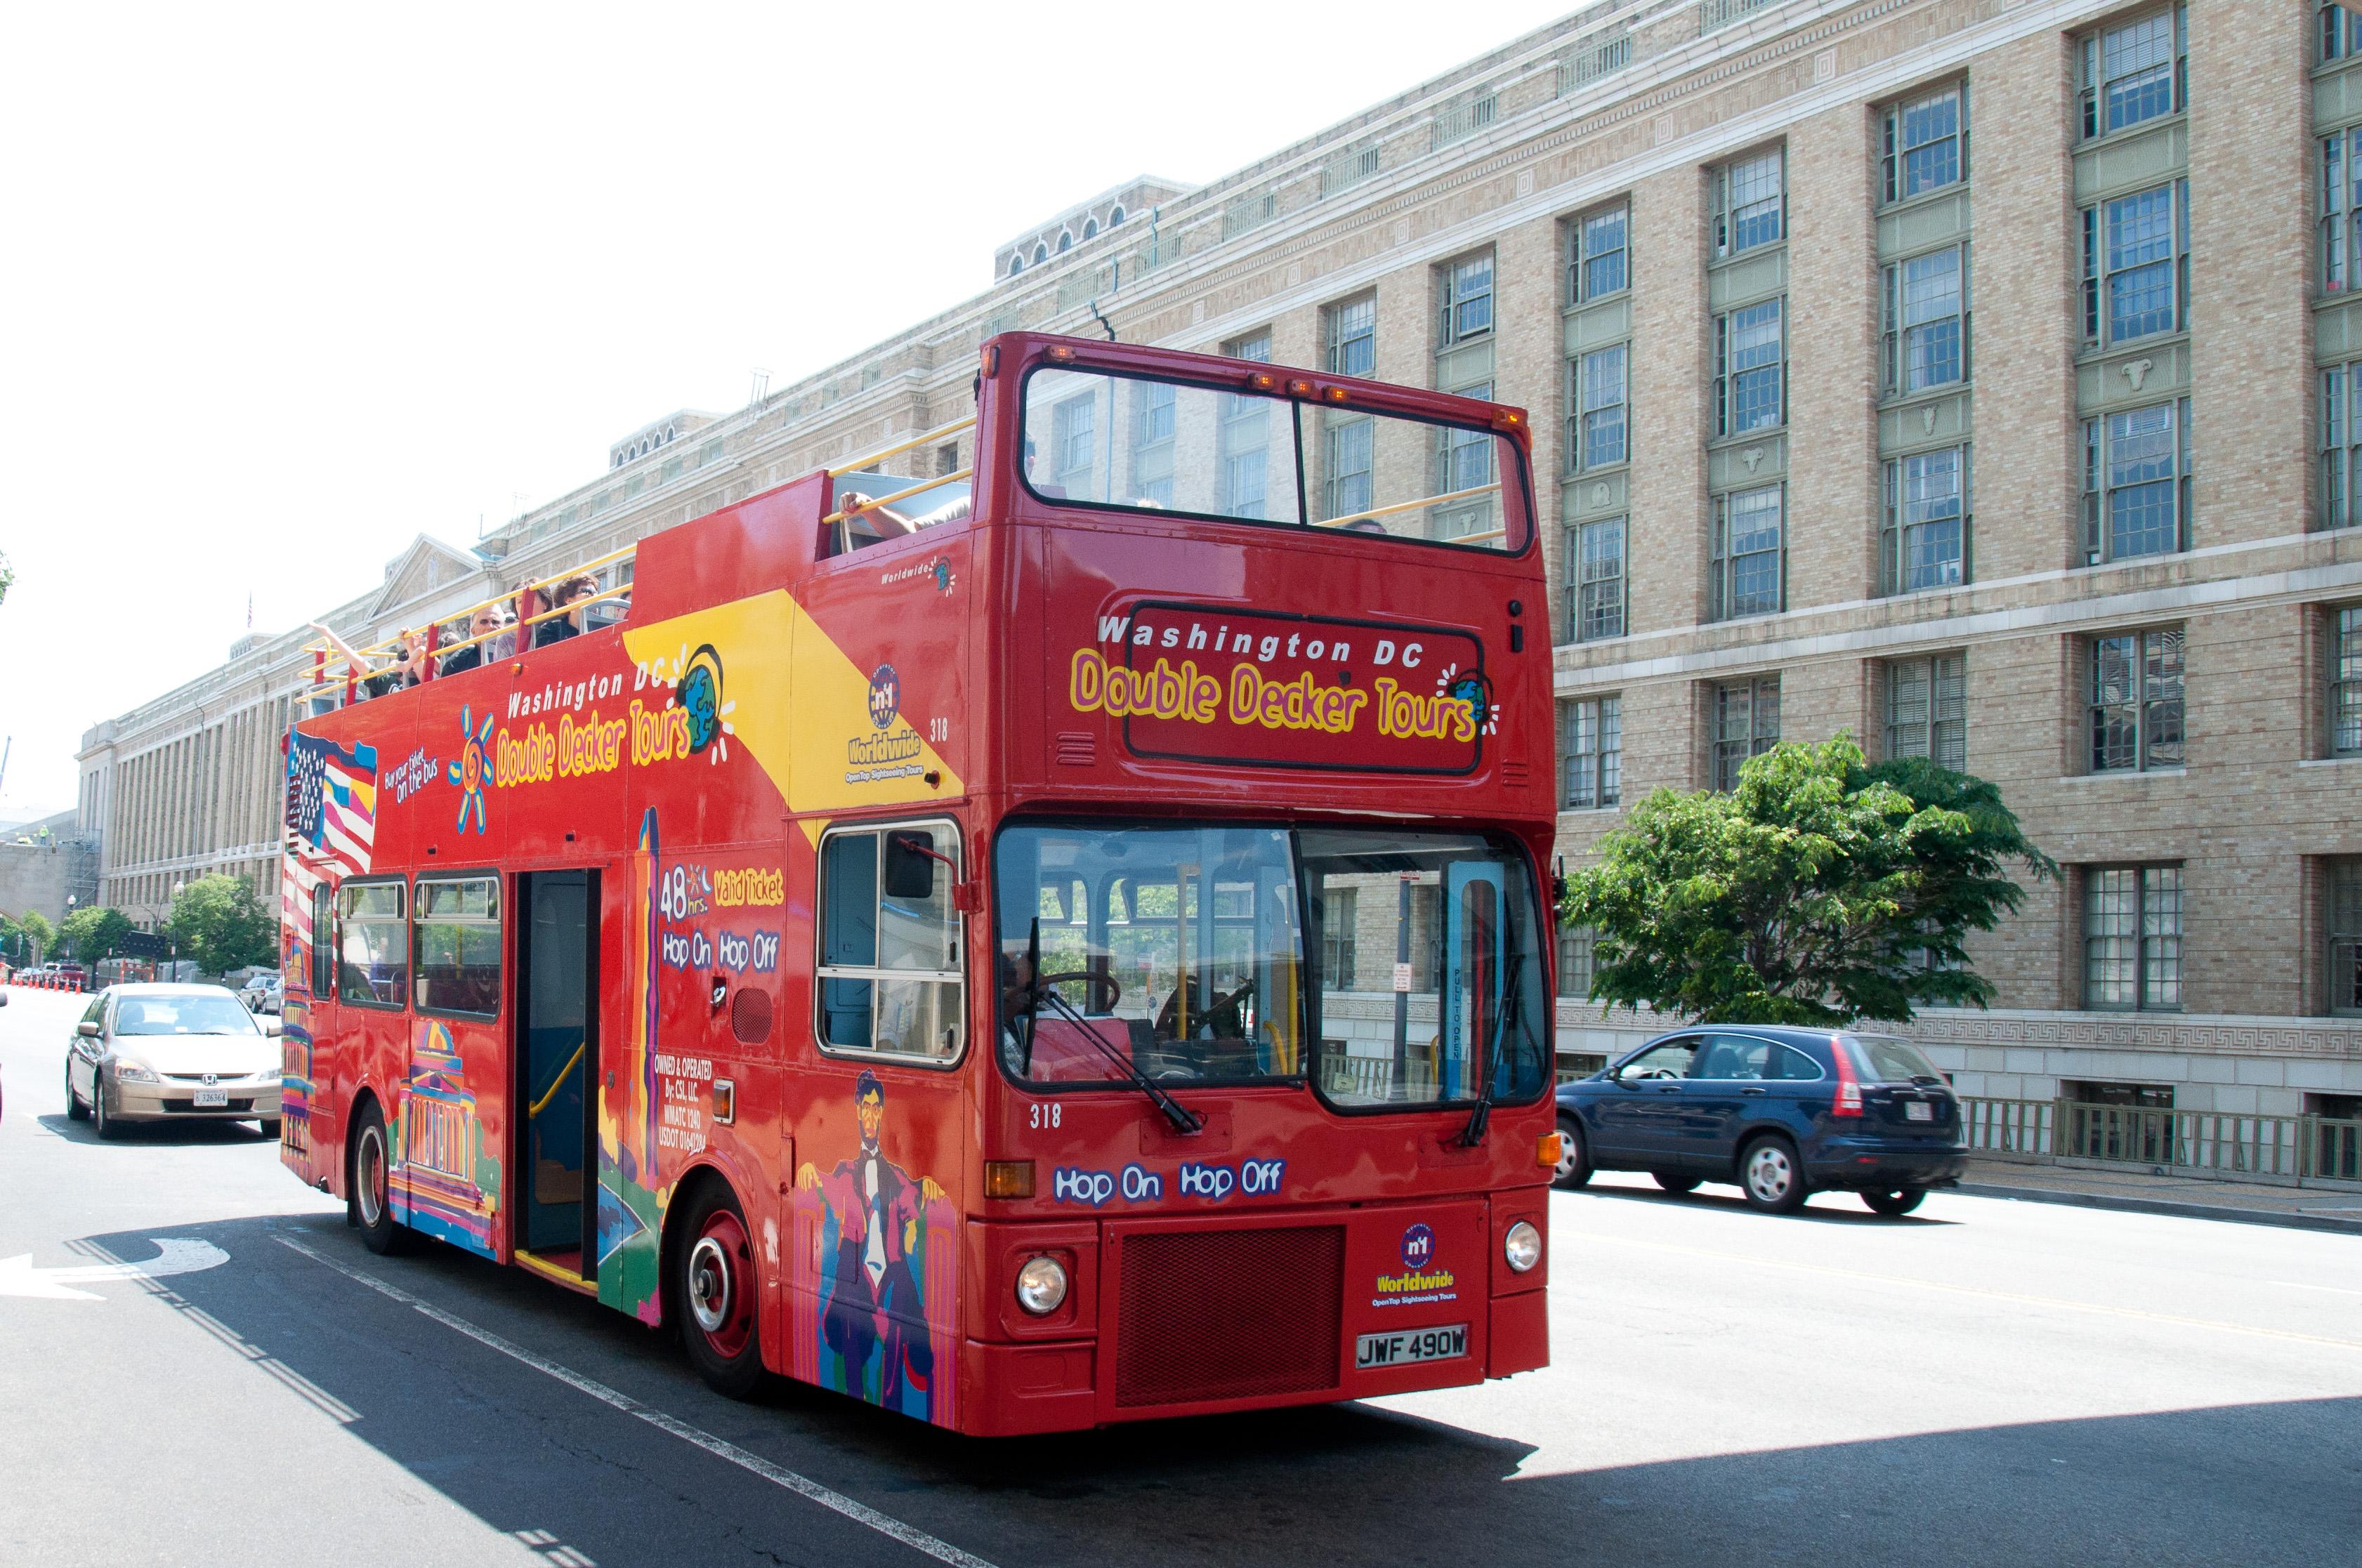 Washington Dc Tour Bus >> File City Sightseeing Bus Jwf 490w Washington Dc 15 May 2011 Jpg